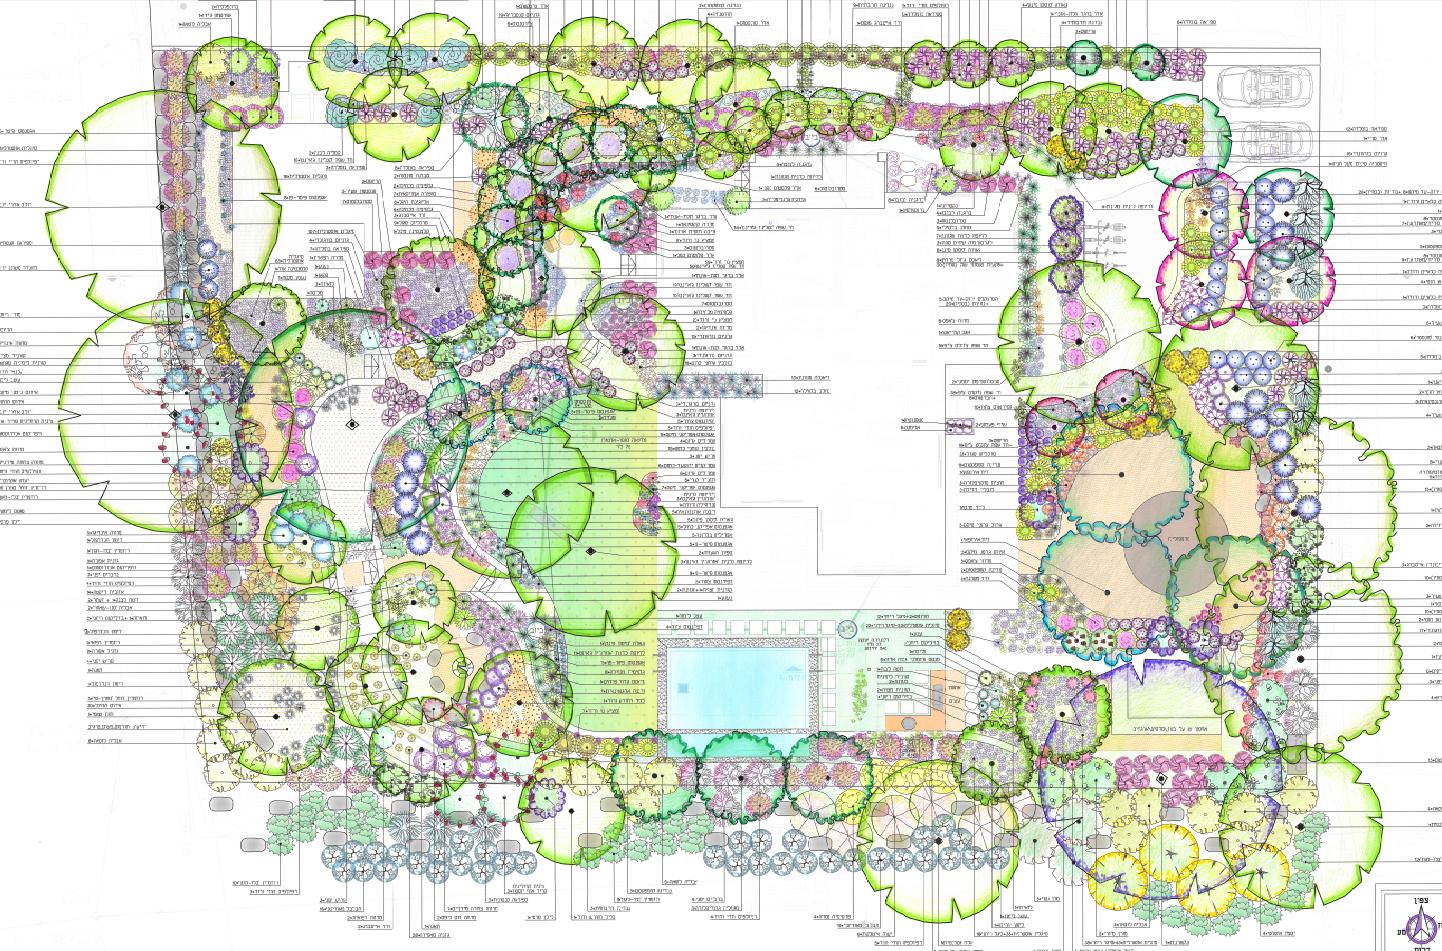 גן אבני בזלת, גן ים תיכוני, גן בדרום רמת הגולן, שביל אבני בזלת